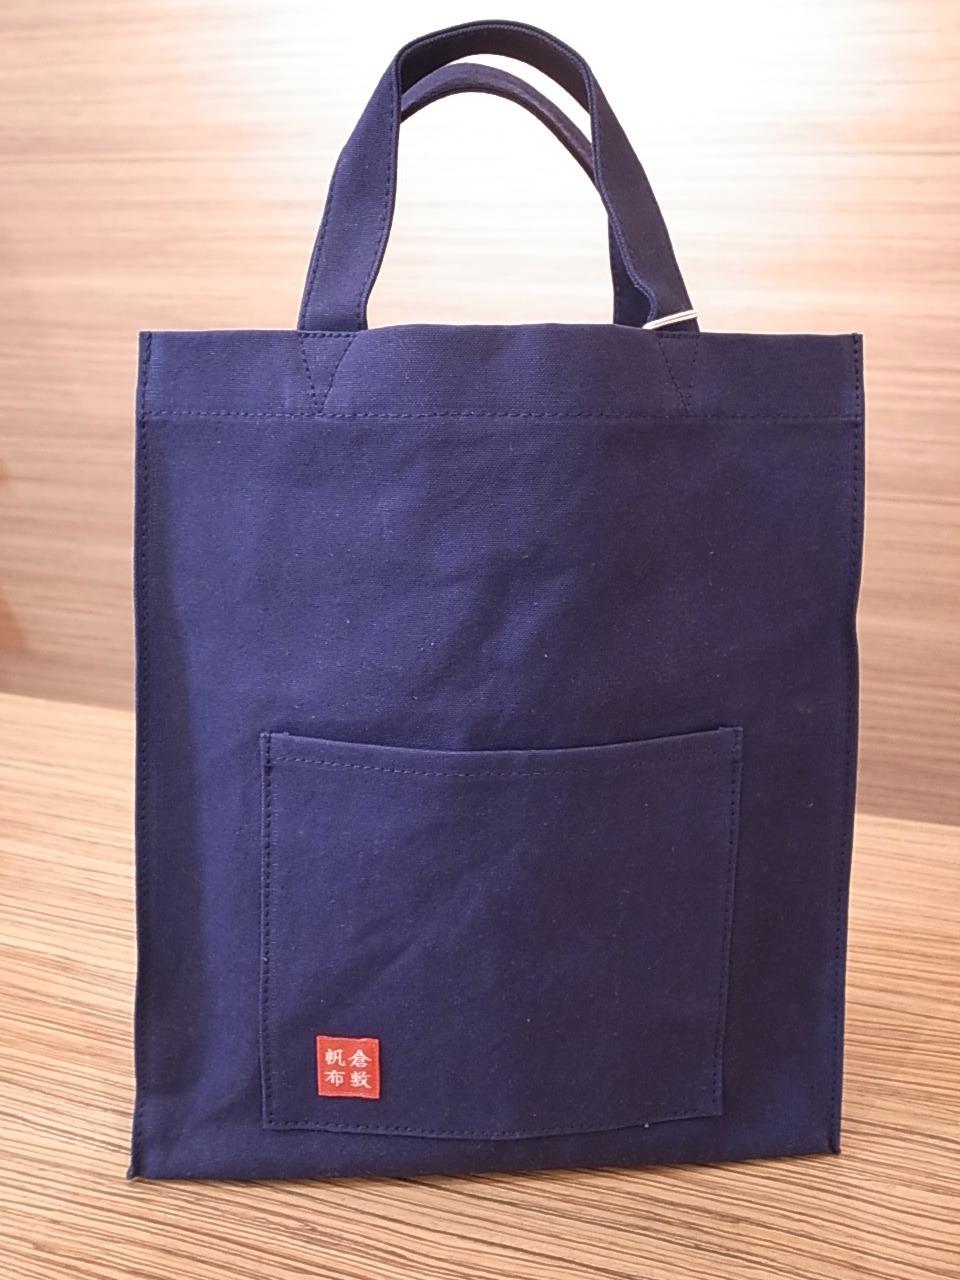 倉敷帆布のバッグ_f0207748_19134144.jpg